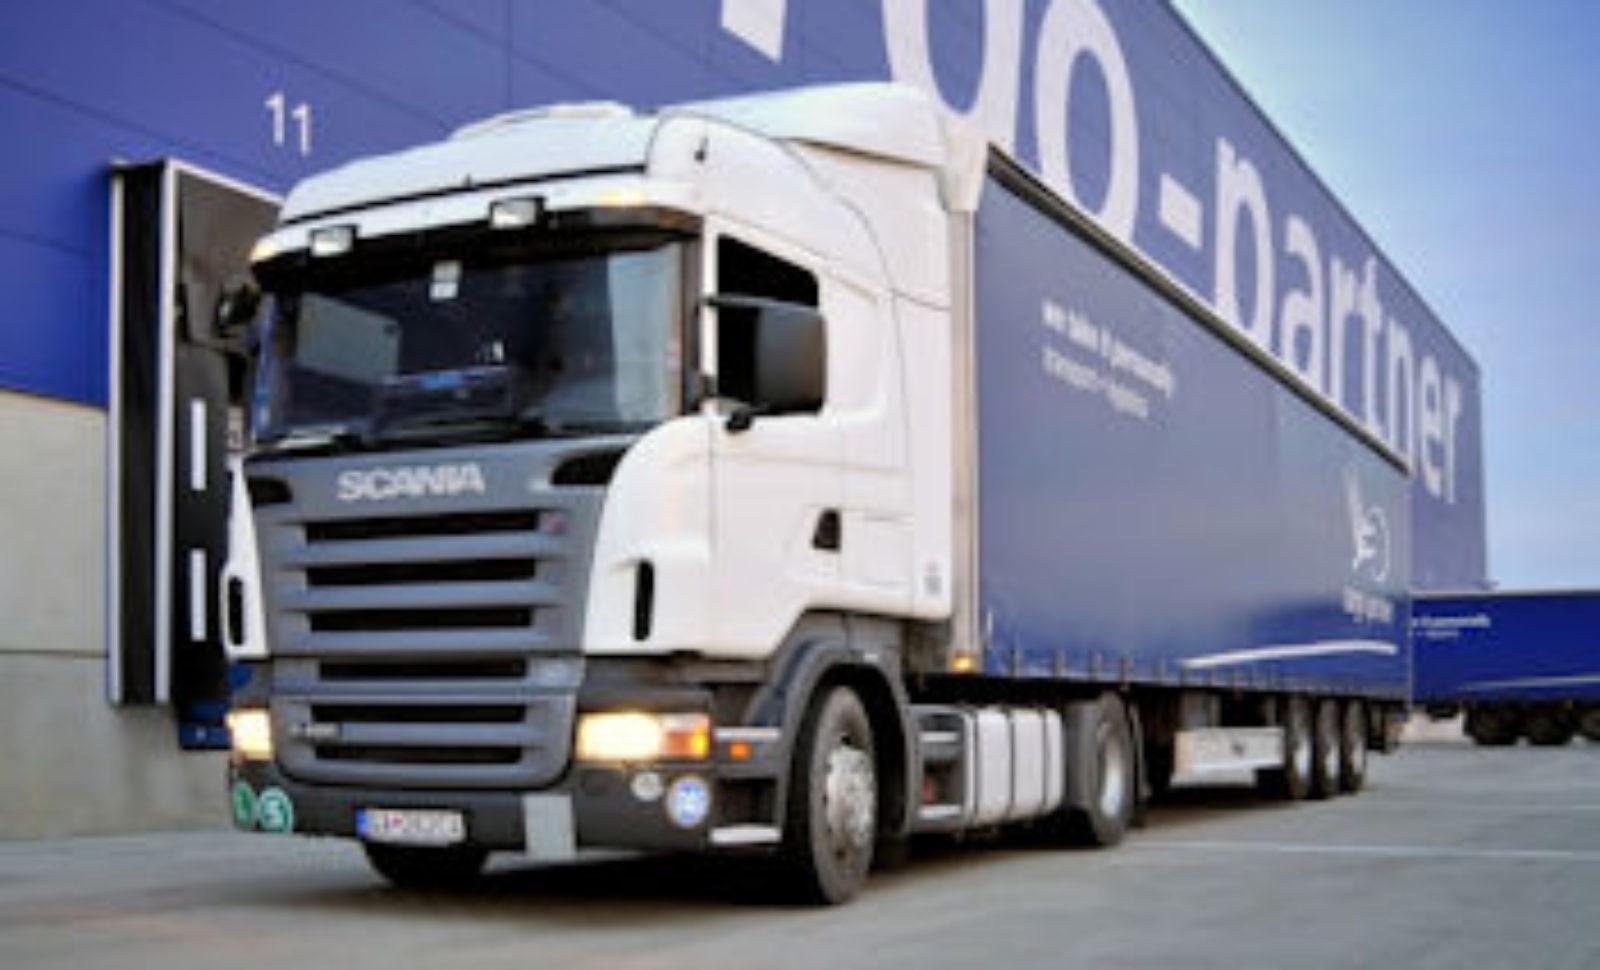 cargo-partner bietet Luft- und Straßentransport-Lösung für wertvolle Güter der chinesischen Luxusmarke Shang Xia